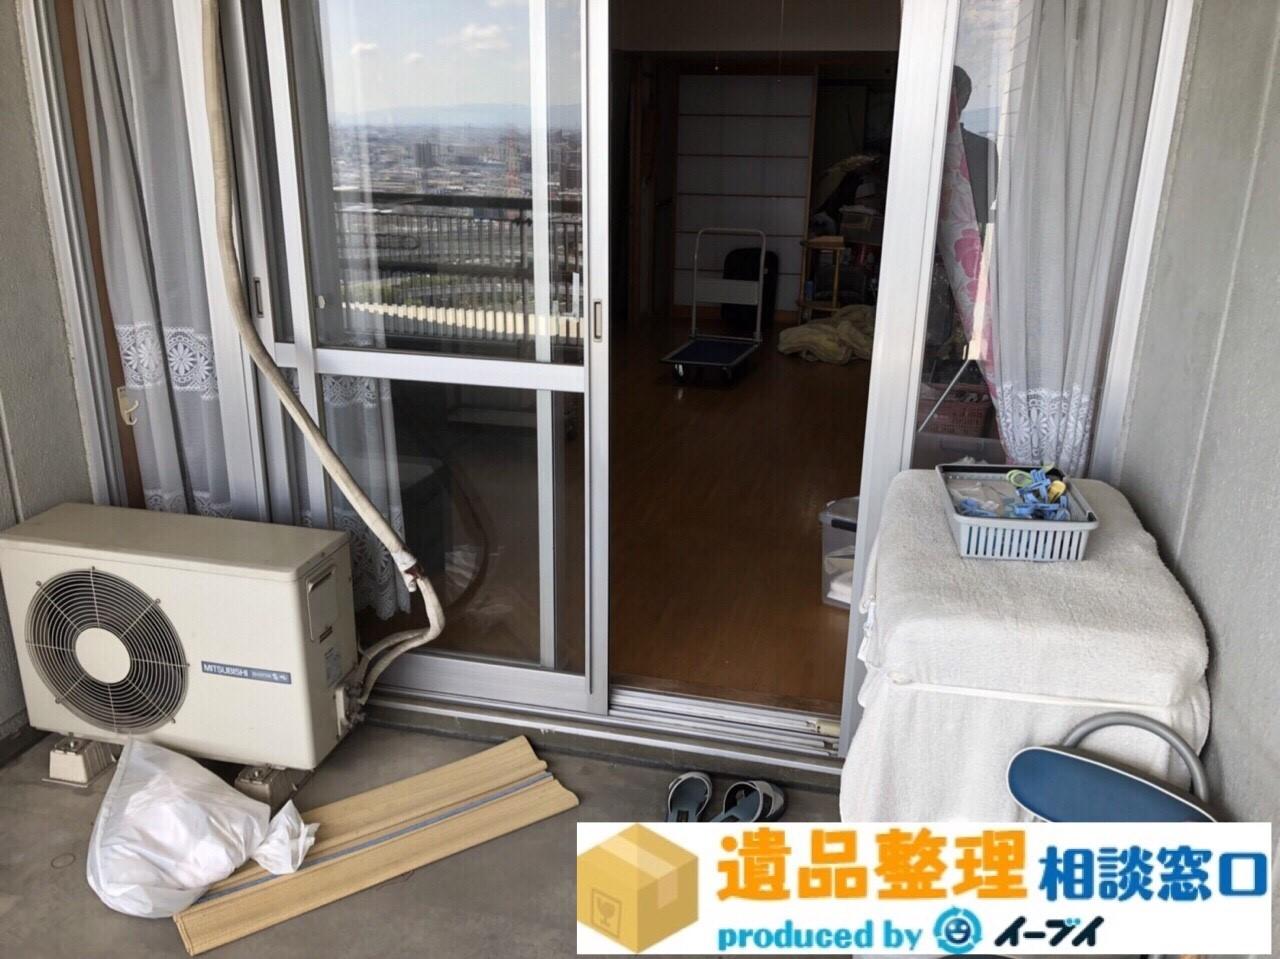 大阪府枚方市で生前整理に伴いベランダの廃品の処分。のアイキャッチ